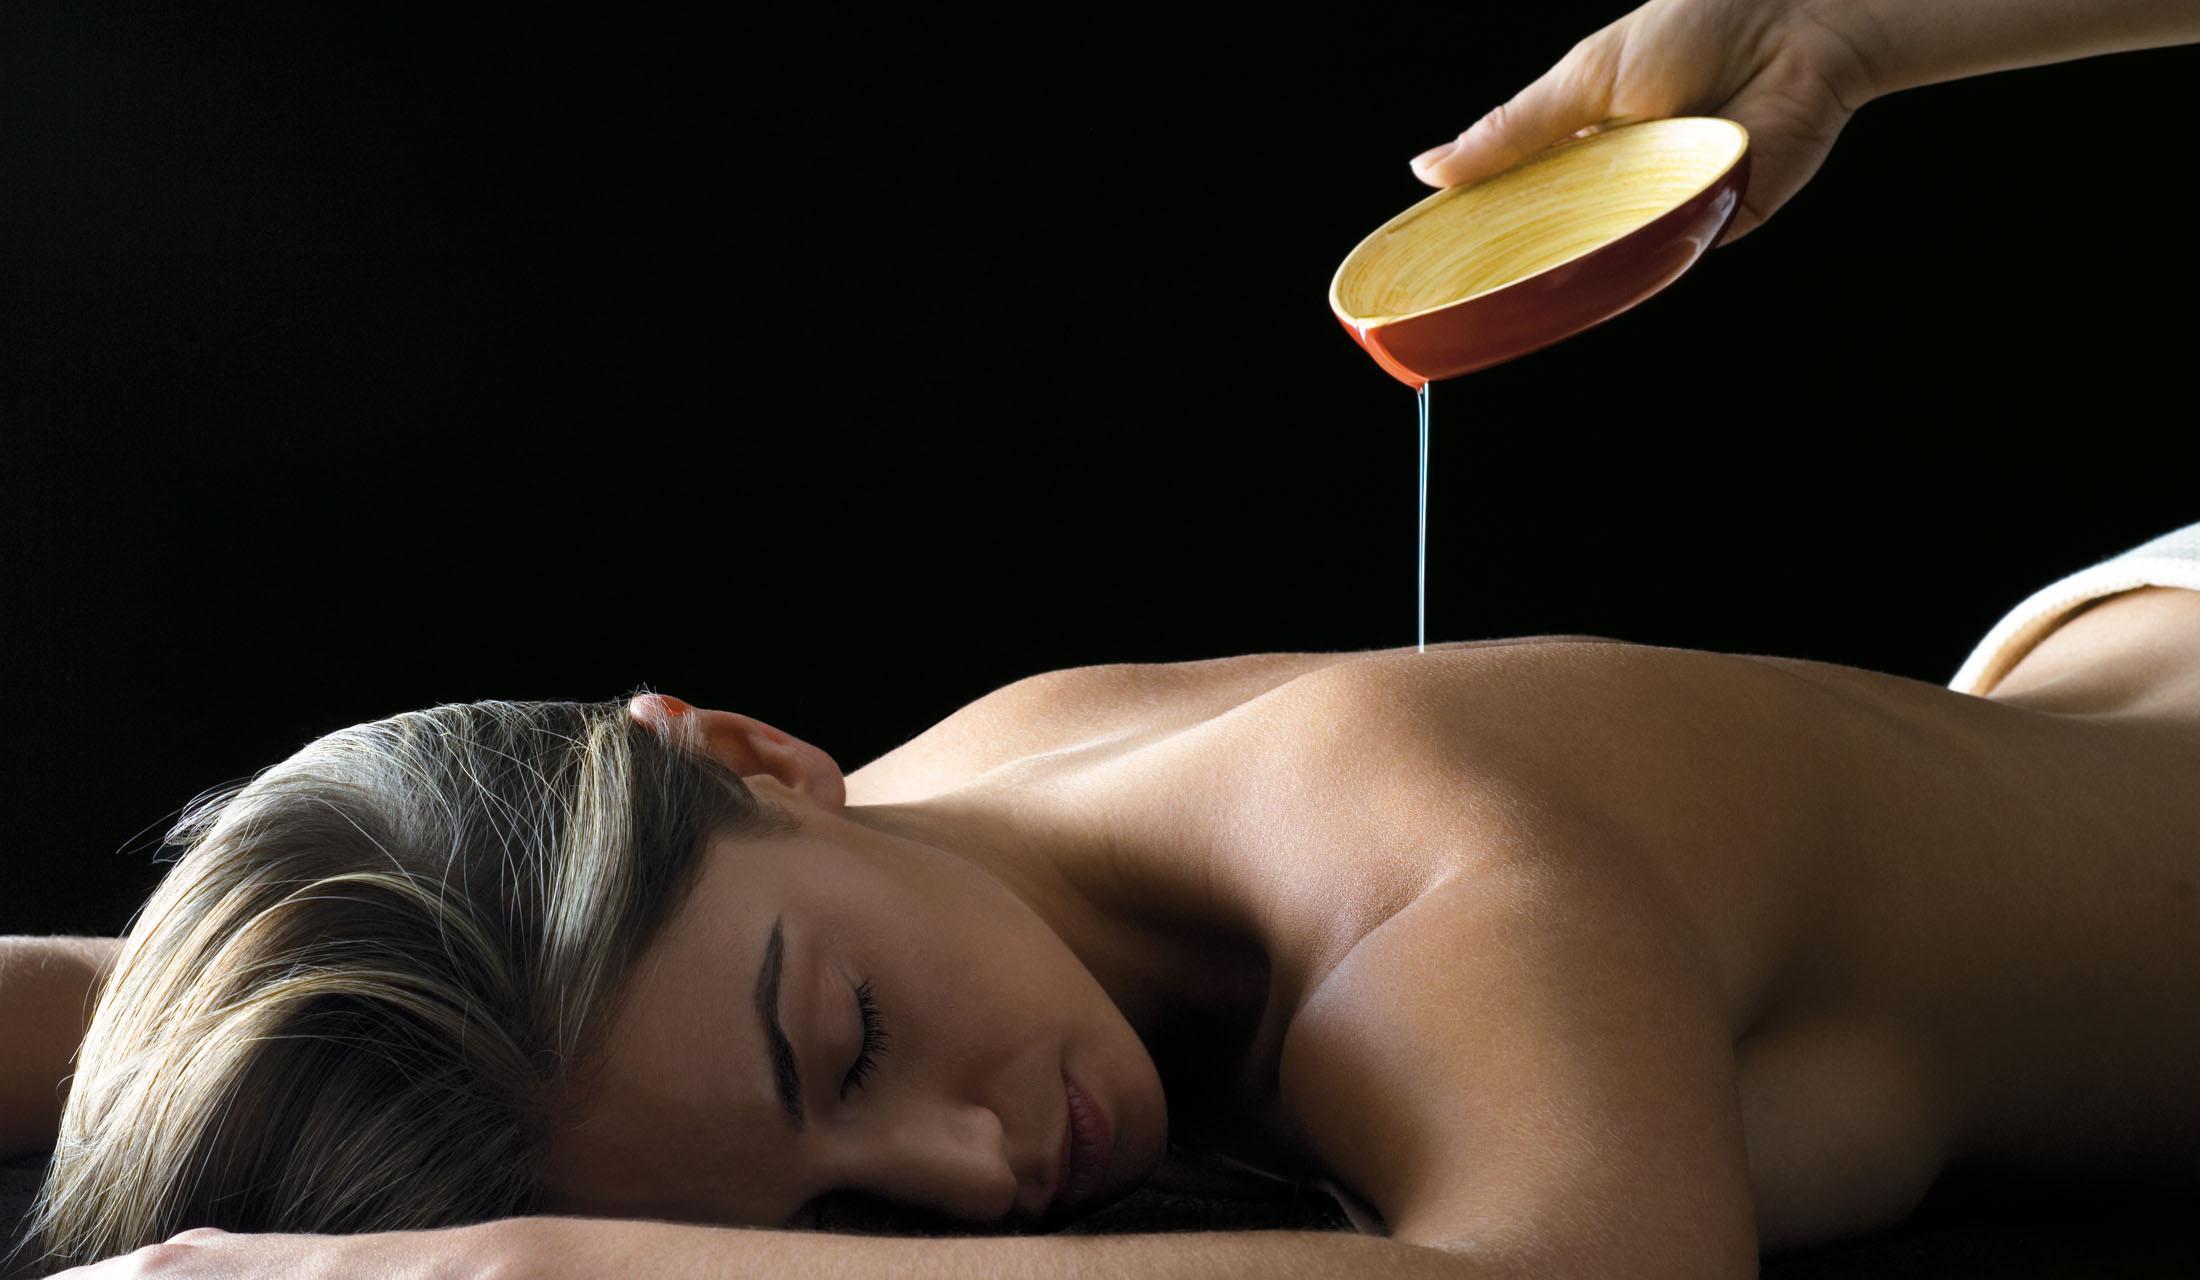 Erotic massage center dubai